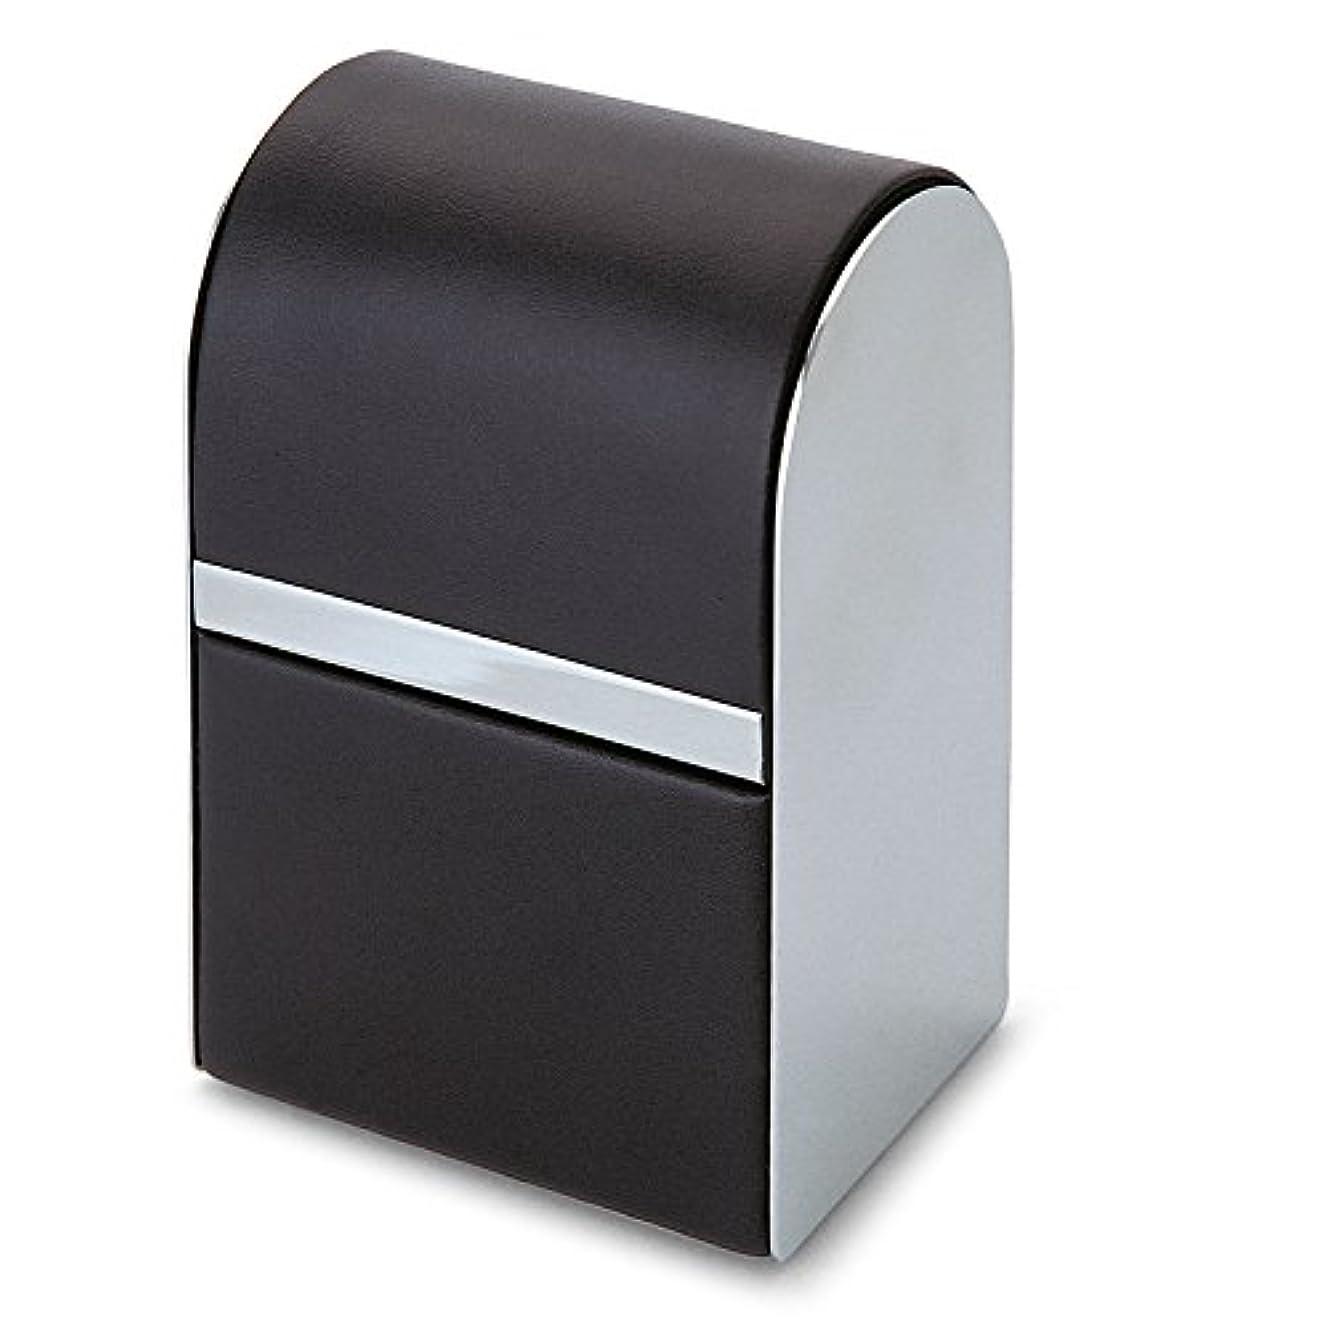 実験的スリチンモイ忠実にPhilippi Giorgio メンズ身だしなみキット 7pcsセット leather stainless polished